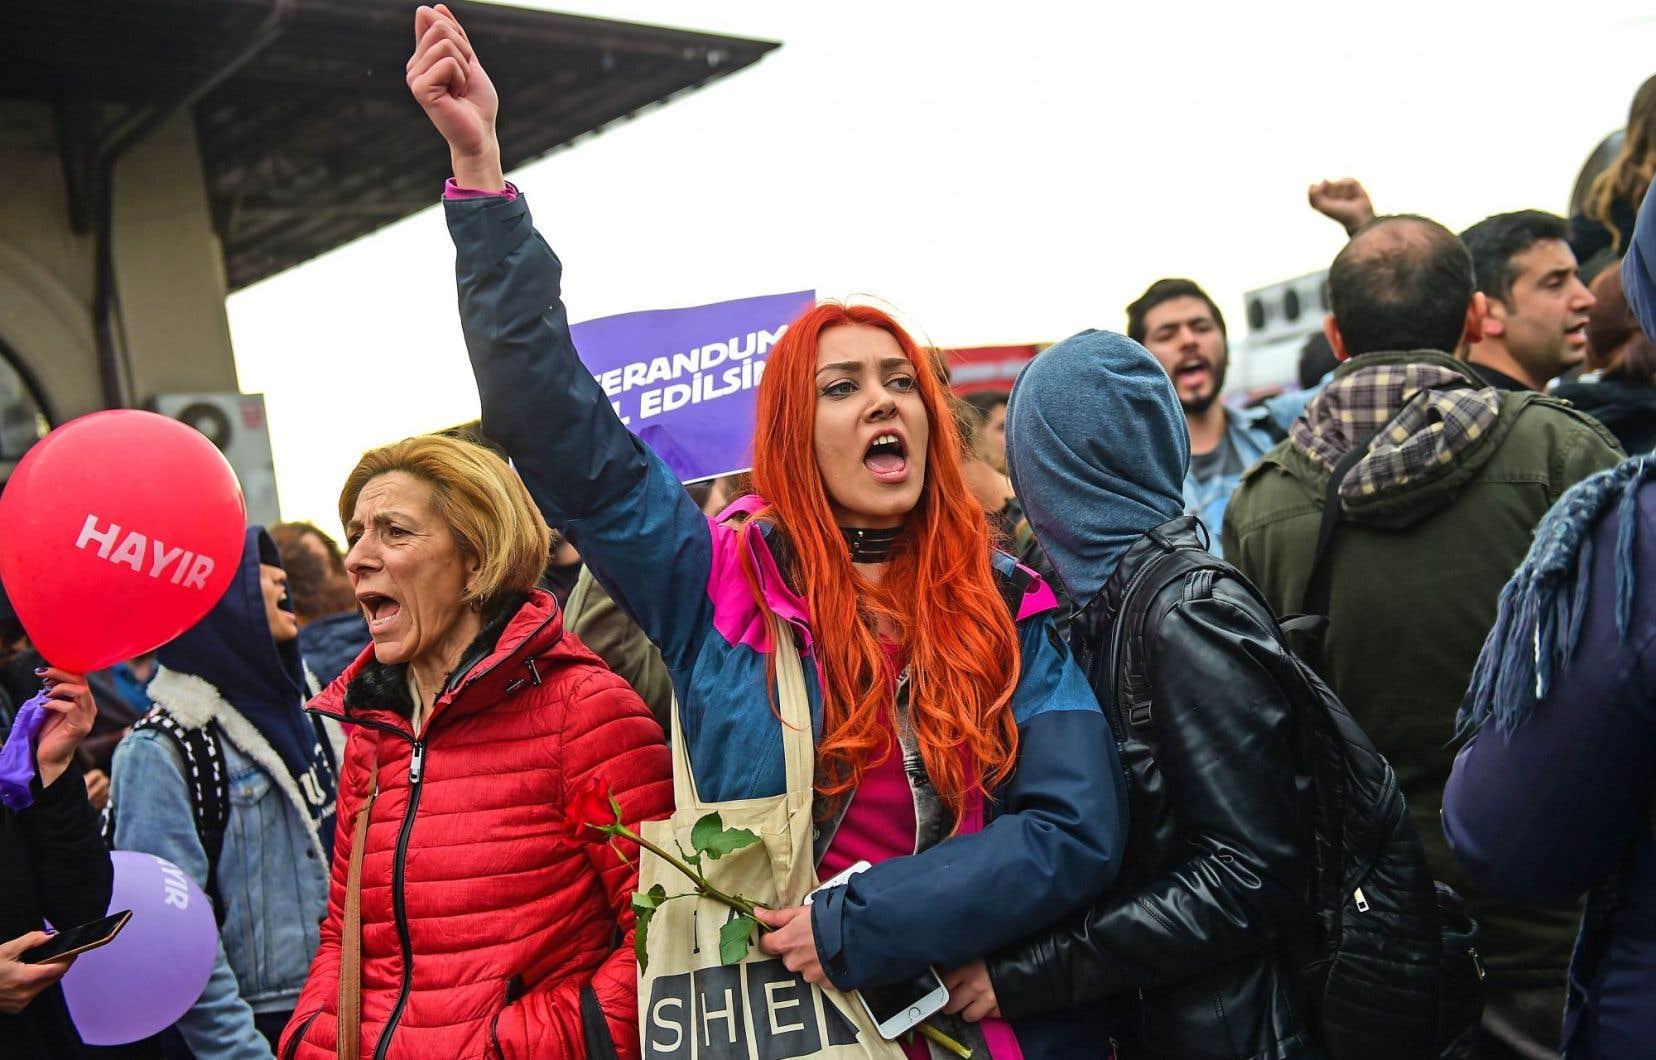 La manifestation a coïncidé avec le 97e anniversaire de l'instauration du Parlement turc, une date célébrée comme la fête de la Souveraineté nationale.